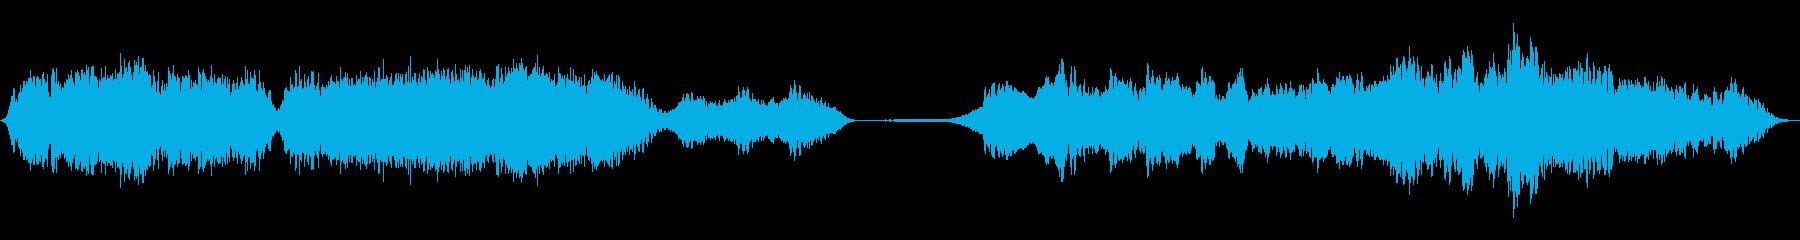 ハウリングモンスター、SCI FI...の再生済みの波形